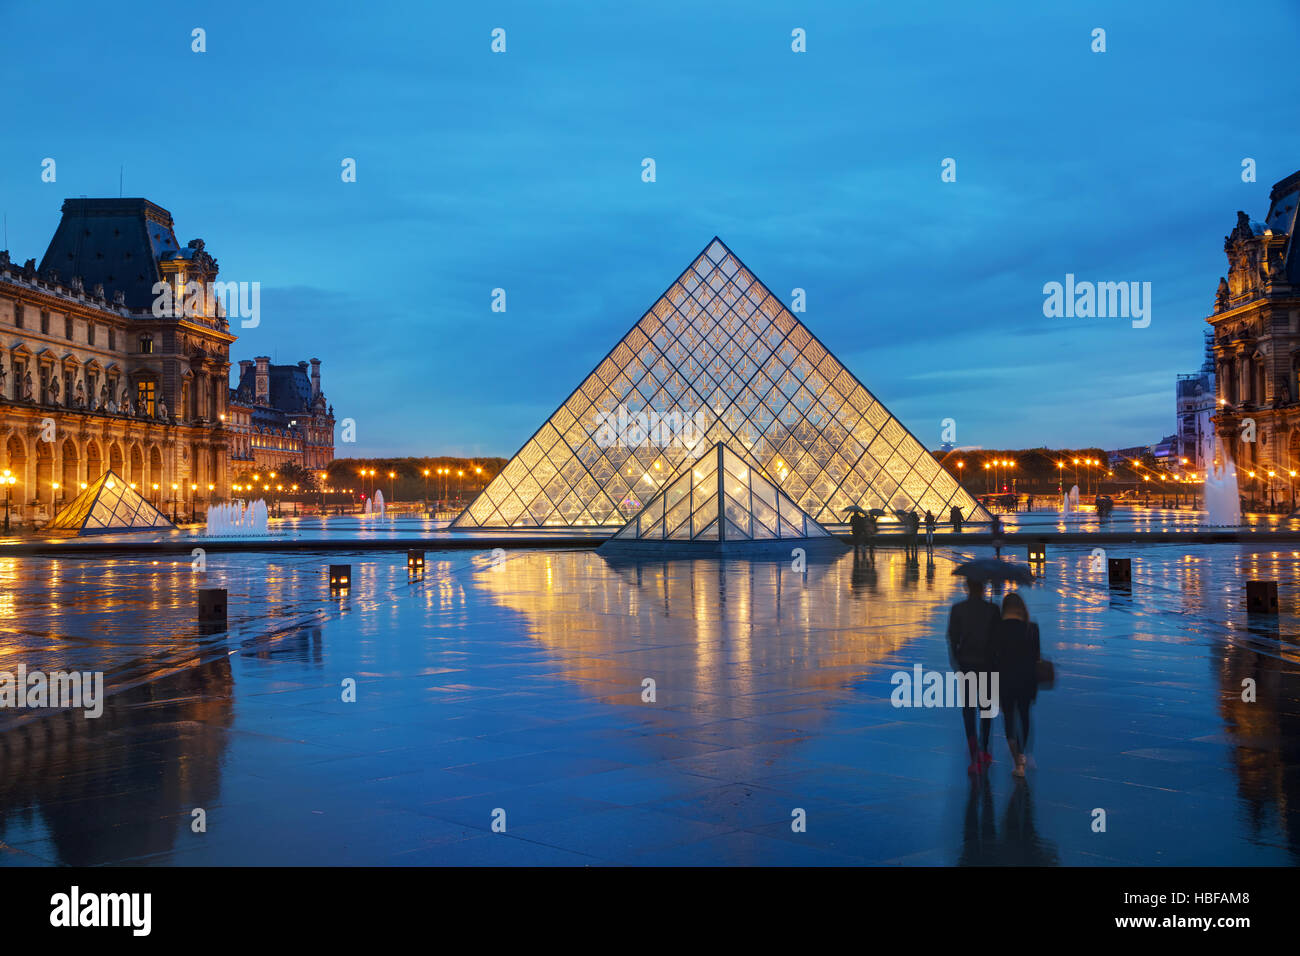 Parigi - 4 novembre: la Piramide del Louvre il 4 novembre 2016 a Parigi, Francia. Essa serve come entrata principale Immagini Stock